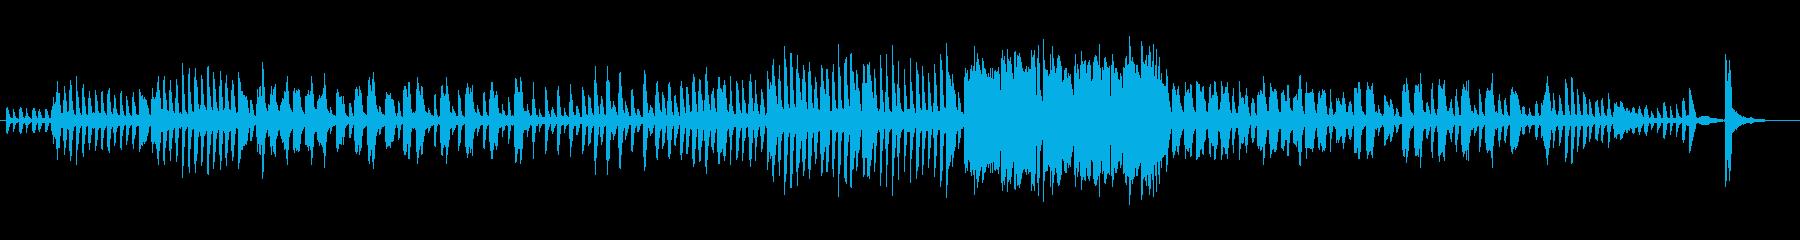 「ドワーフの行進」ショートバージョンの再生済みの波形